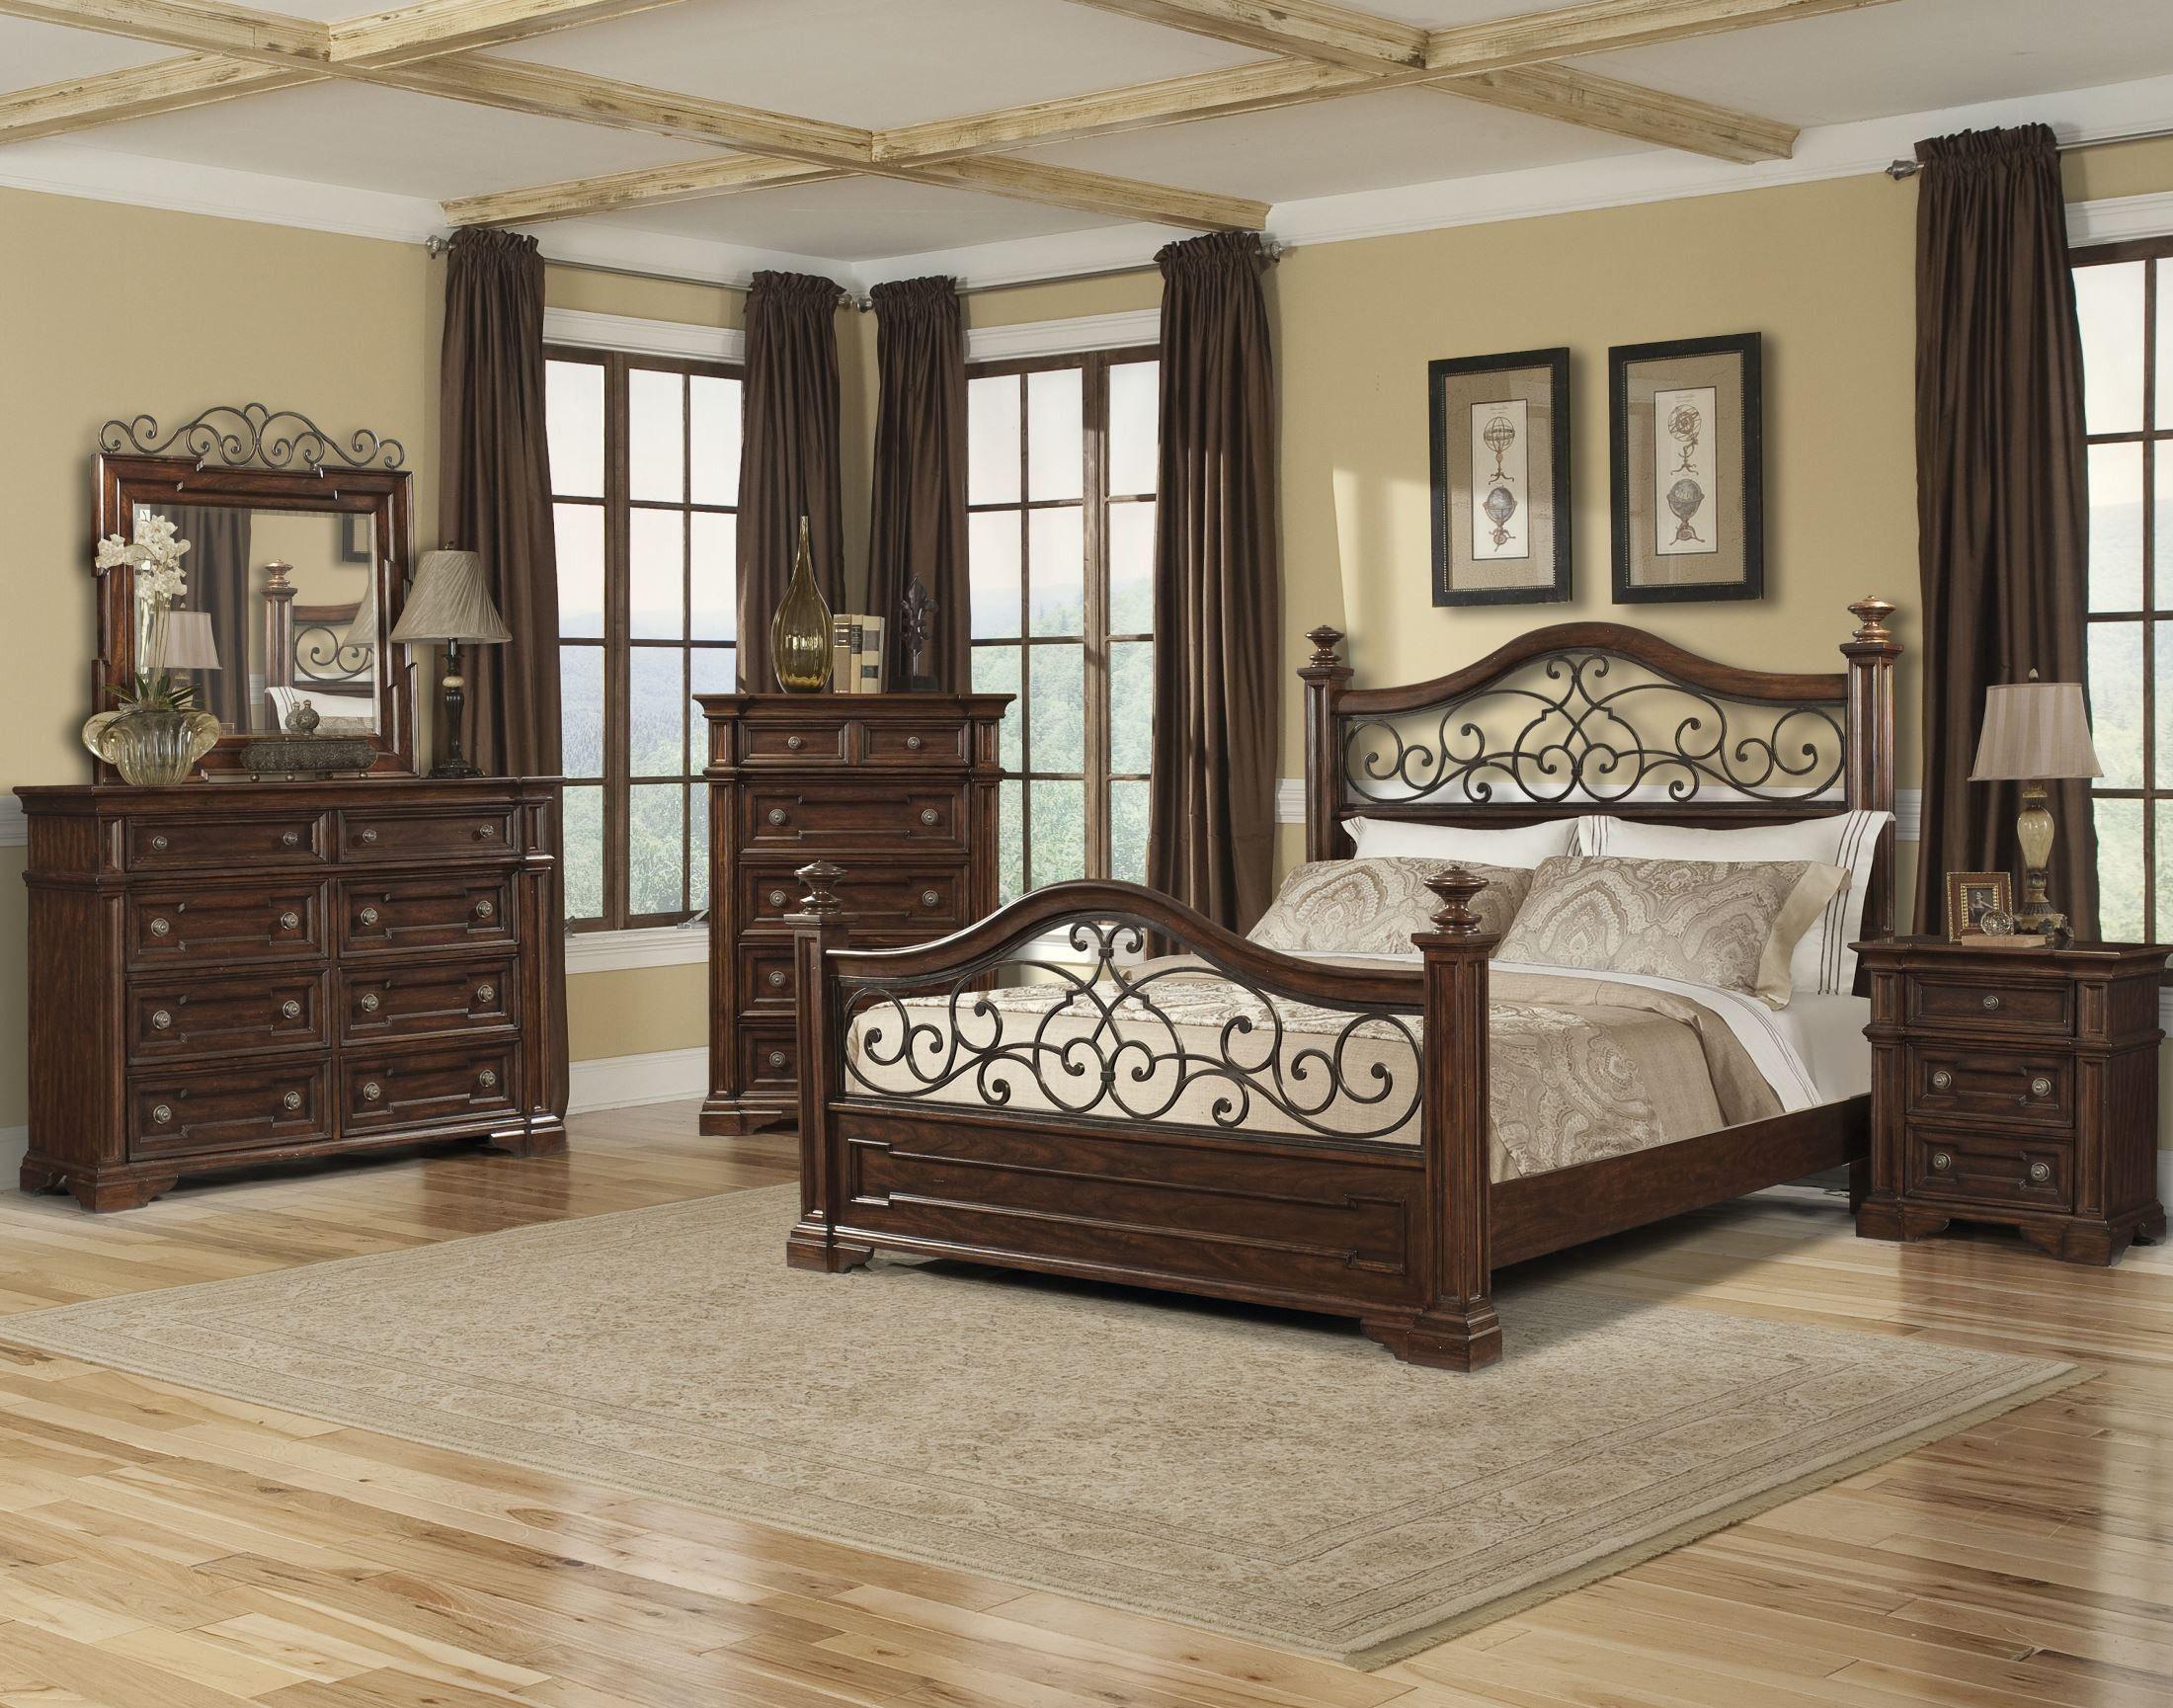 San Marcos Bedroom Set Beds in 2019 King bedroom sets